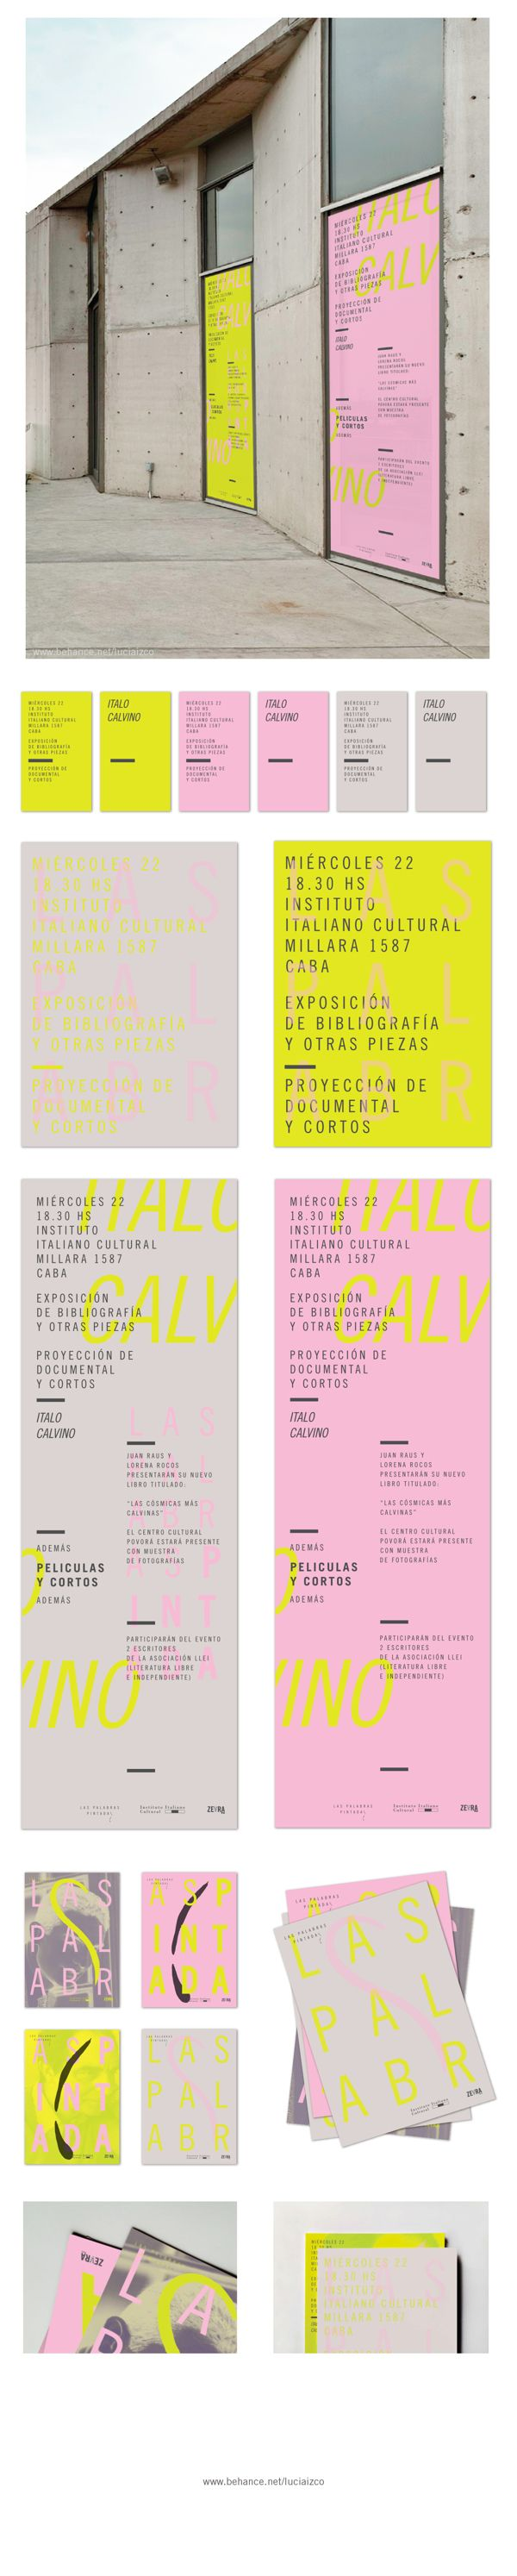 Las Palabras Pintadas by Lucia Izco by Lucía Izco, via Behance